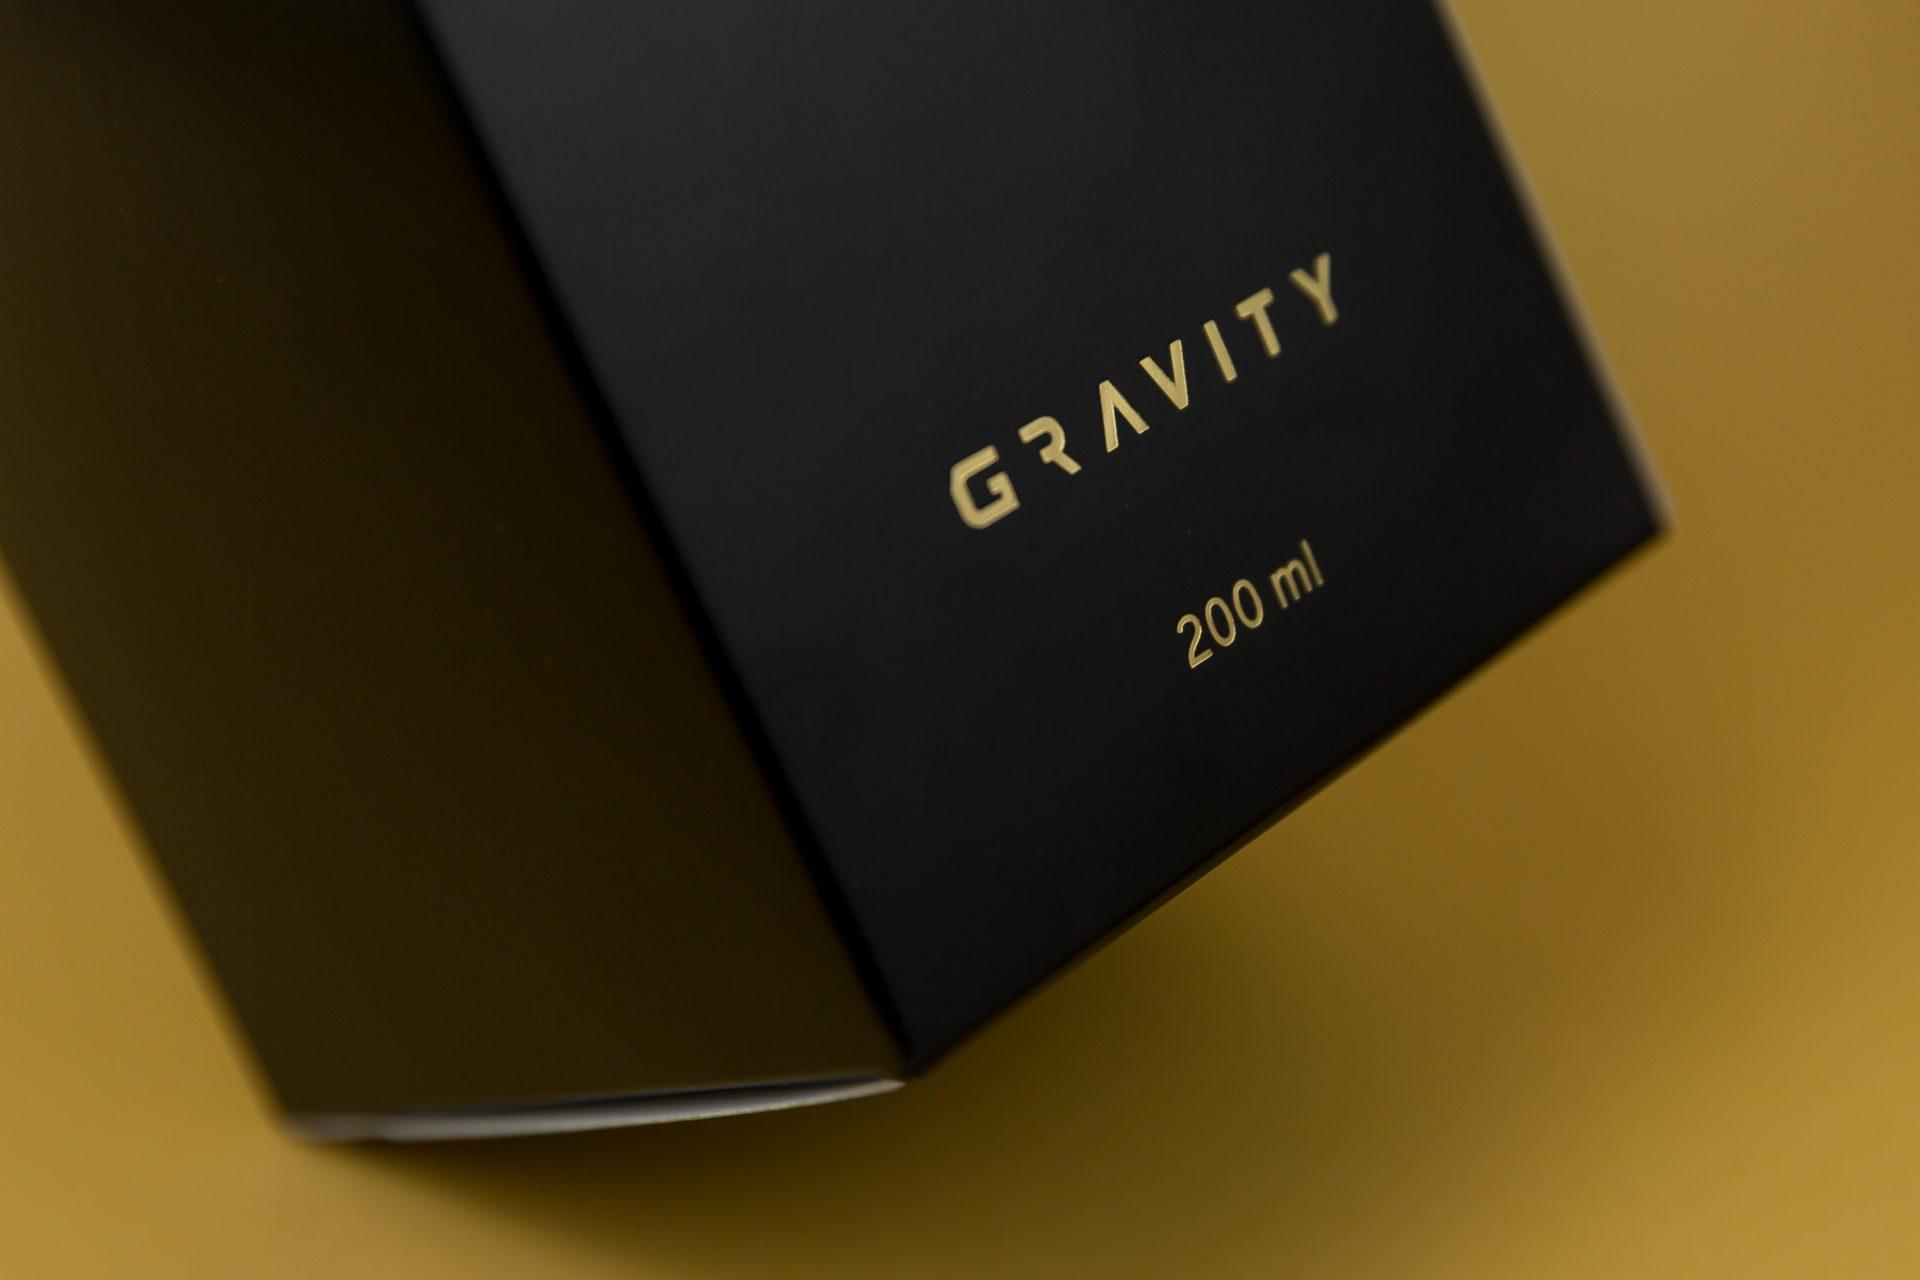 Vouwdoos Gravity